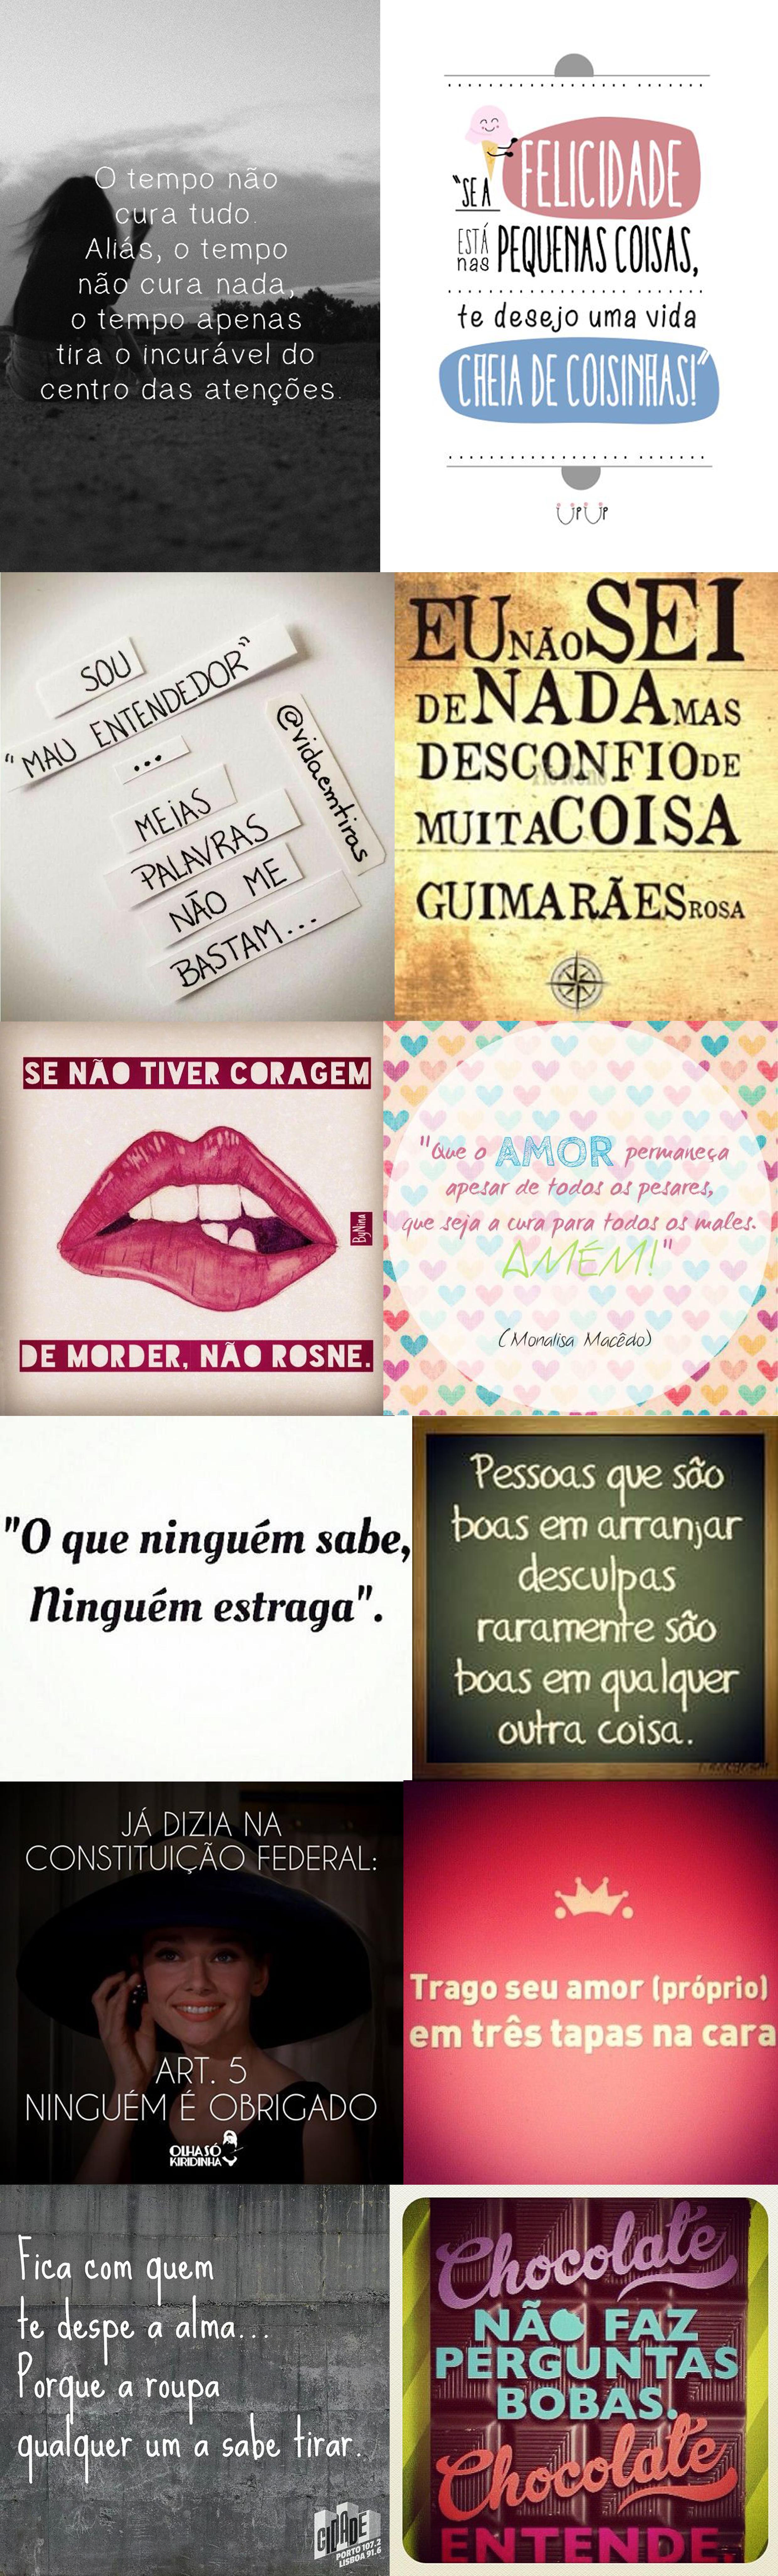 50 Frases E Imagens Do Pinterest Que Inspiram My Wishlist